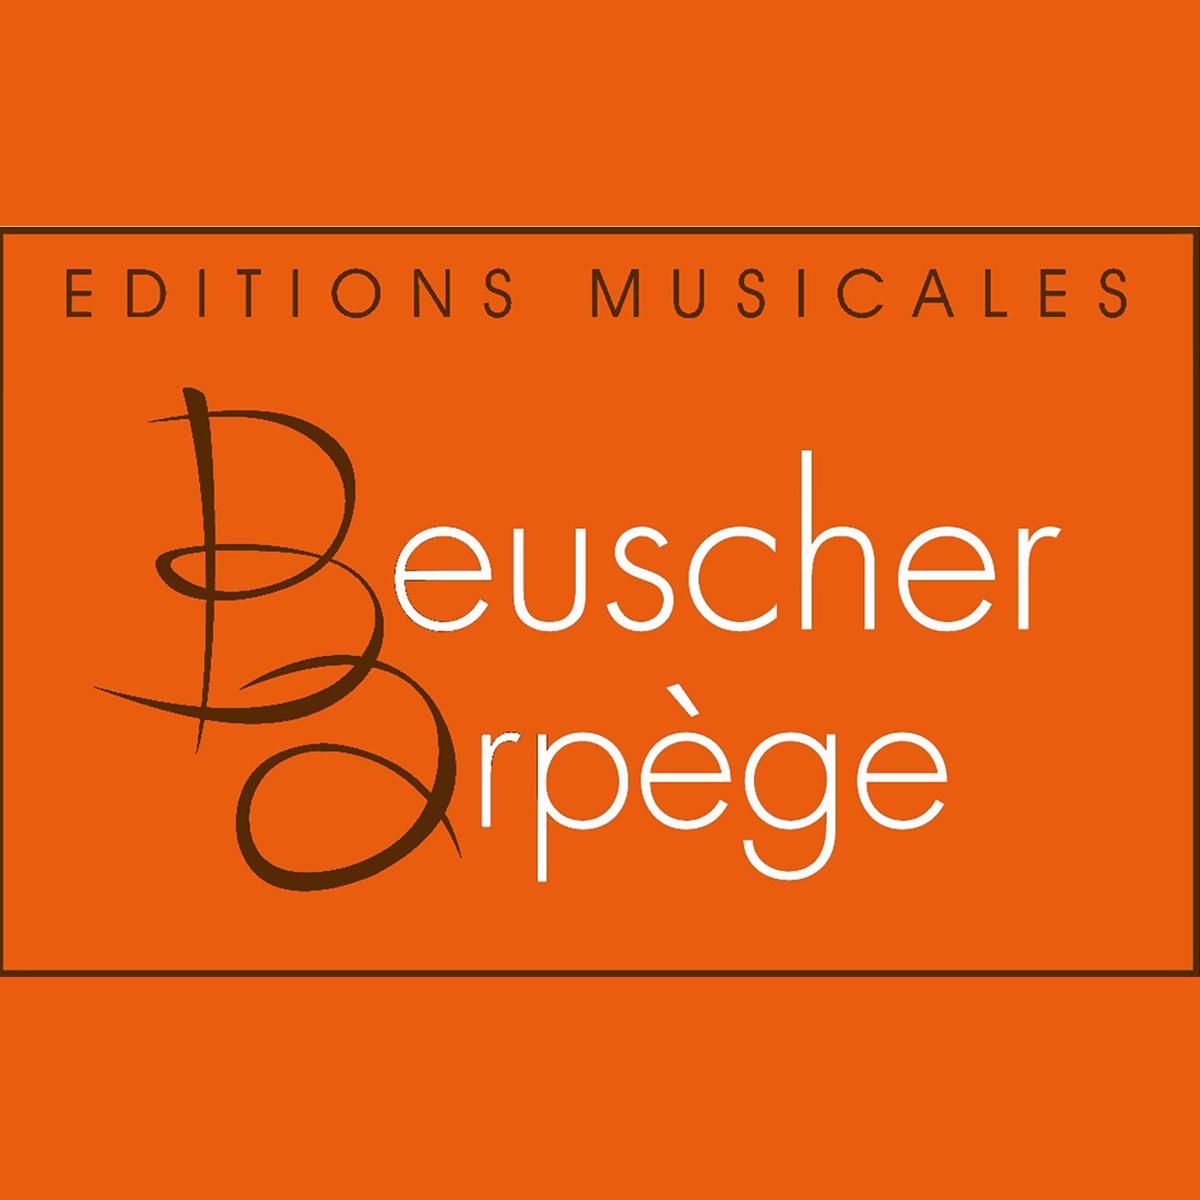 EDITIONS-BEUSCHER-ARPEGE